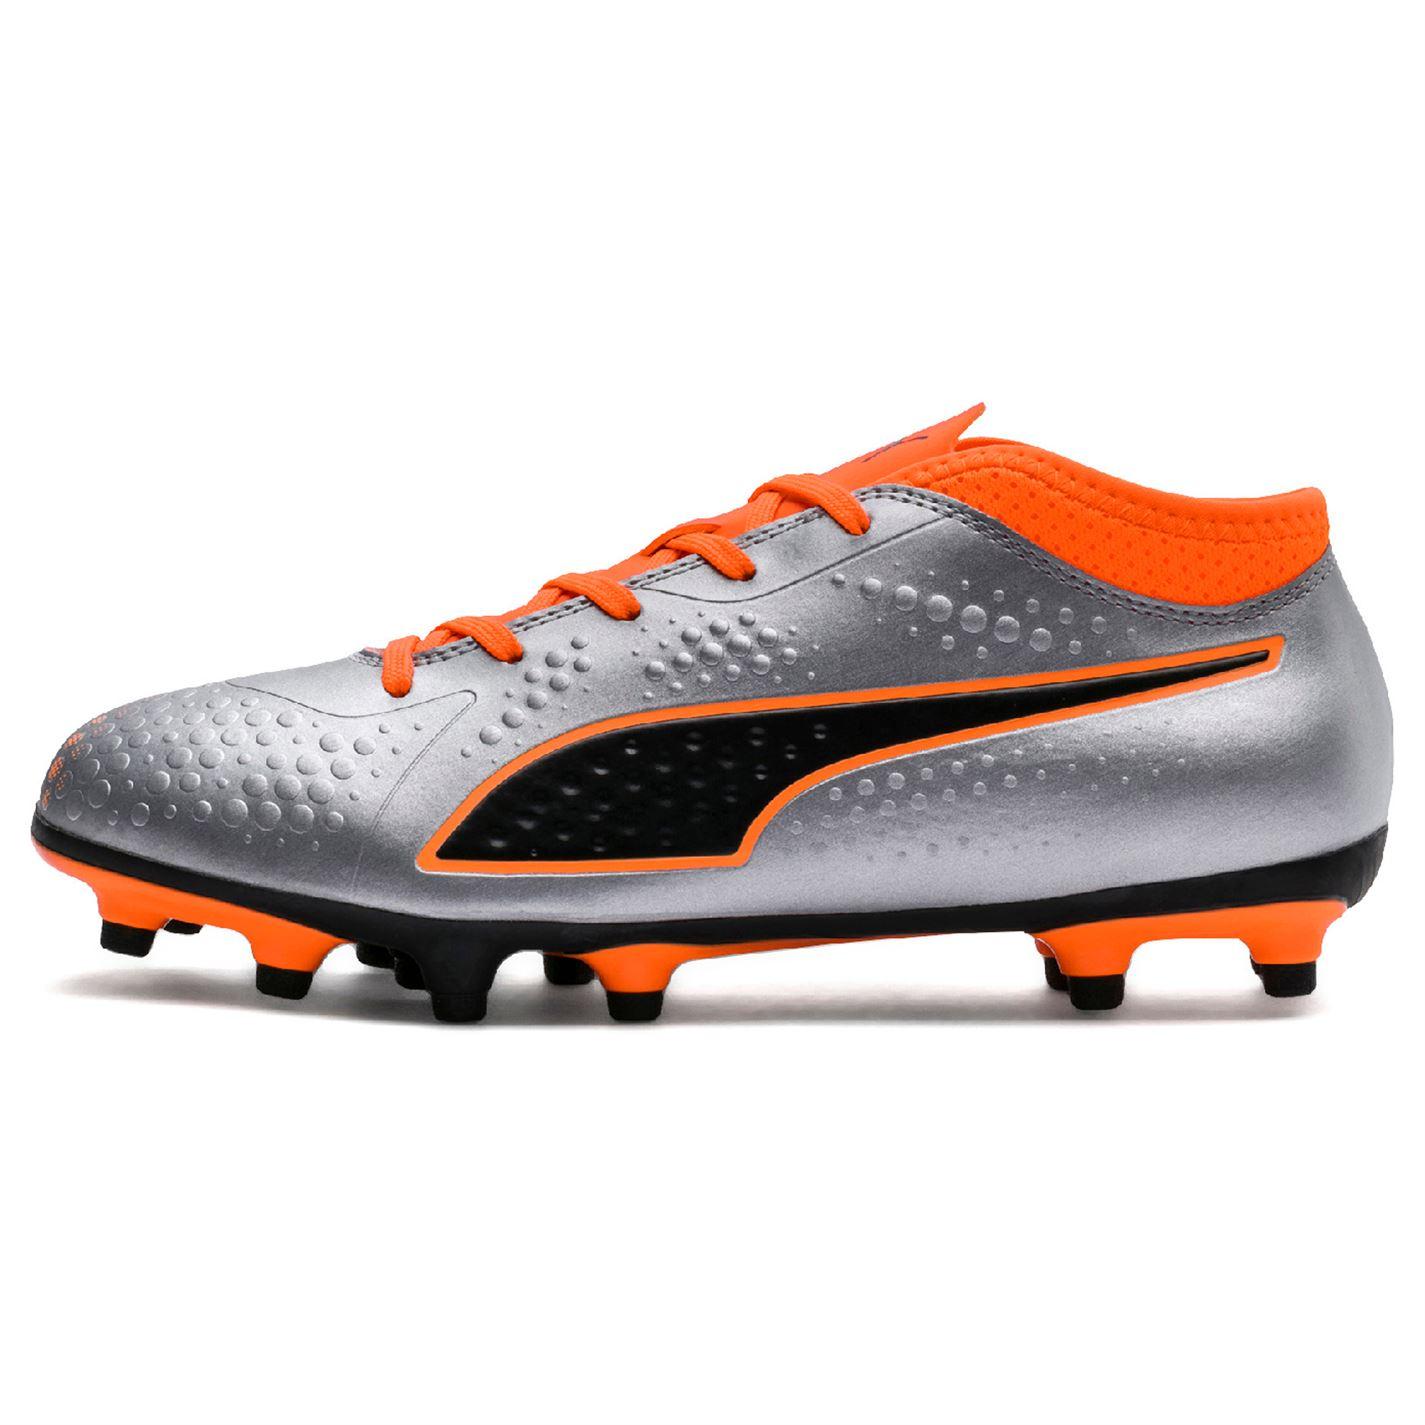 Futbalové kopačky Puma ONE 4 Junior FG Football Boots - Glami.sk 65de68f4a6a